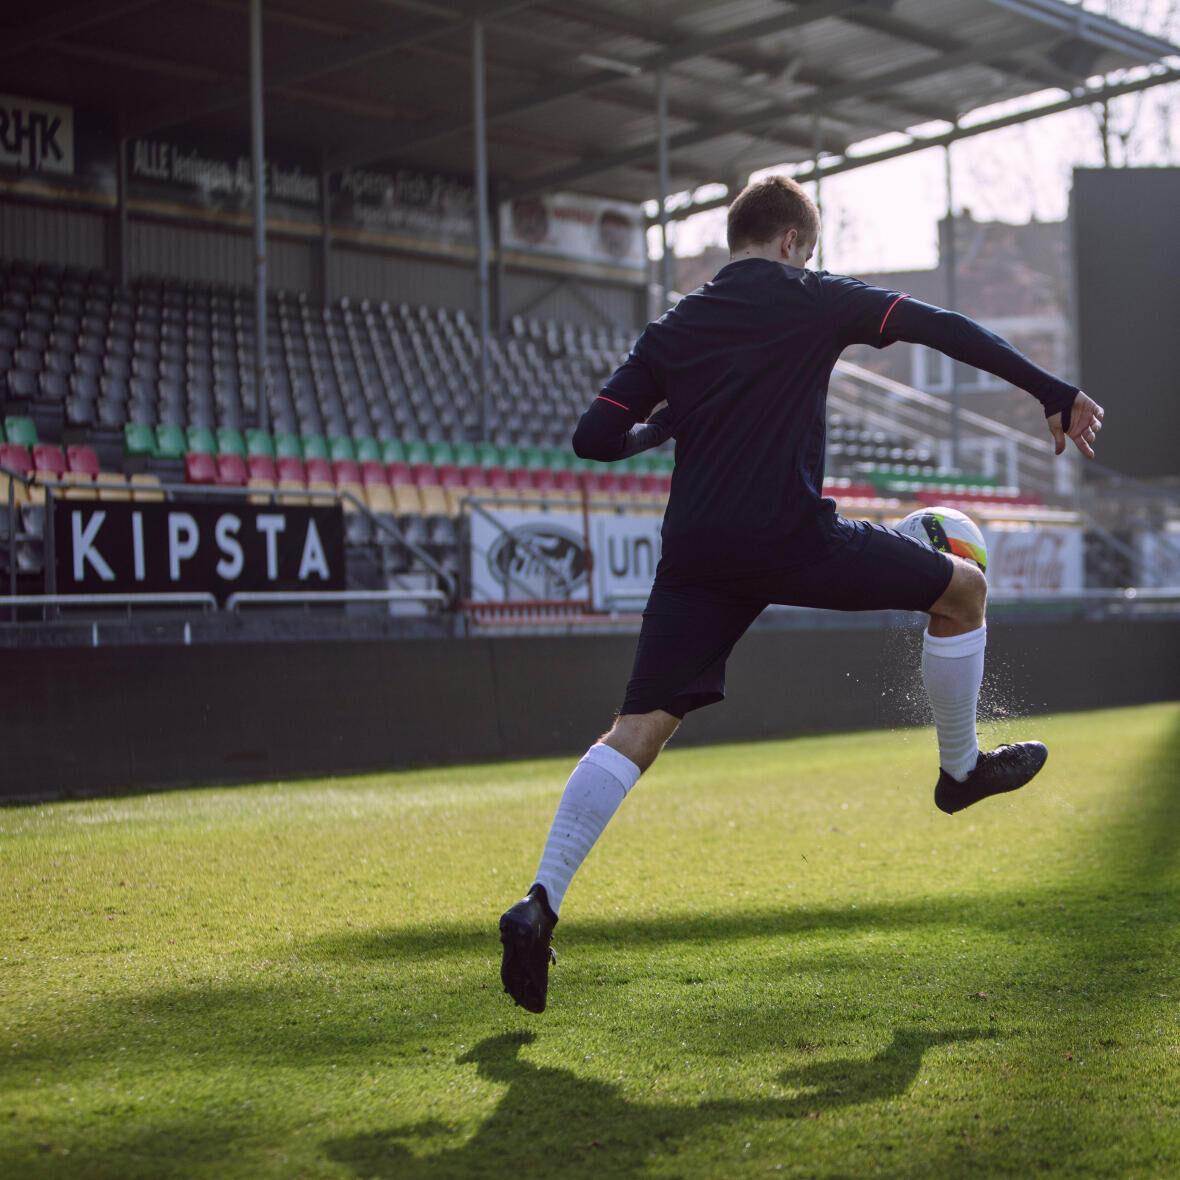 Goede voetbalschoenen Kipsta Viralto